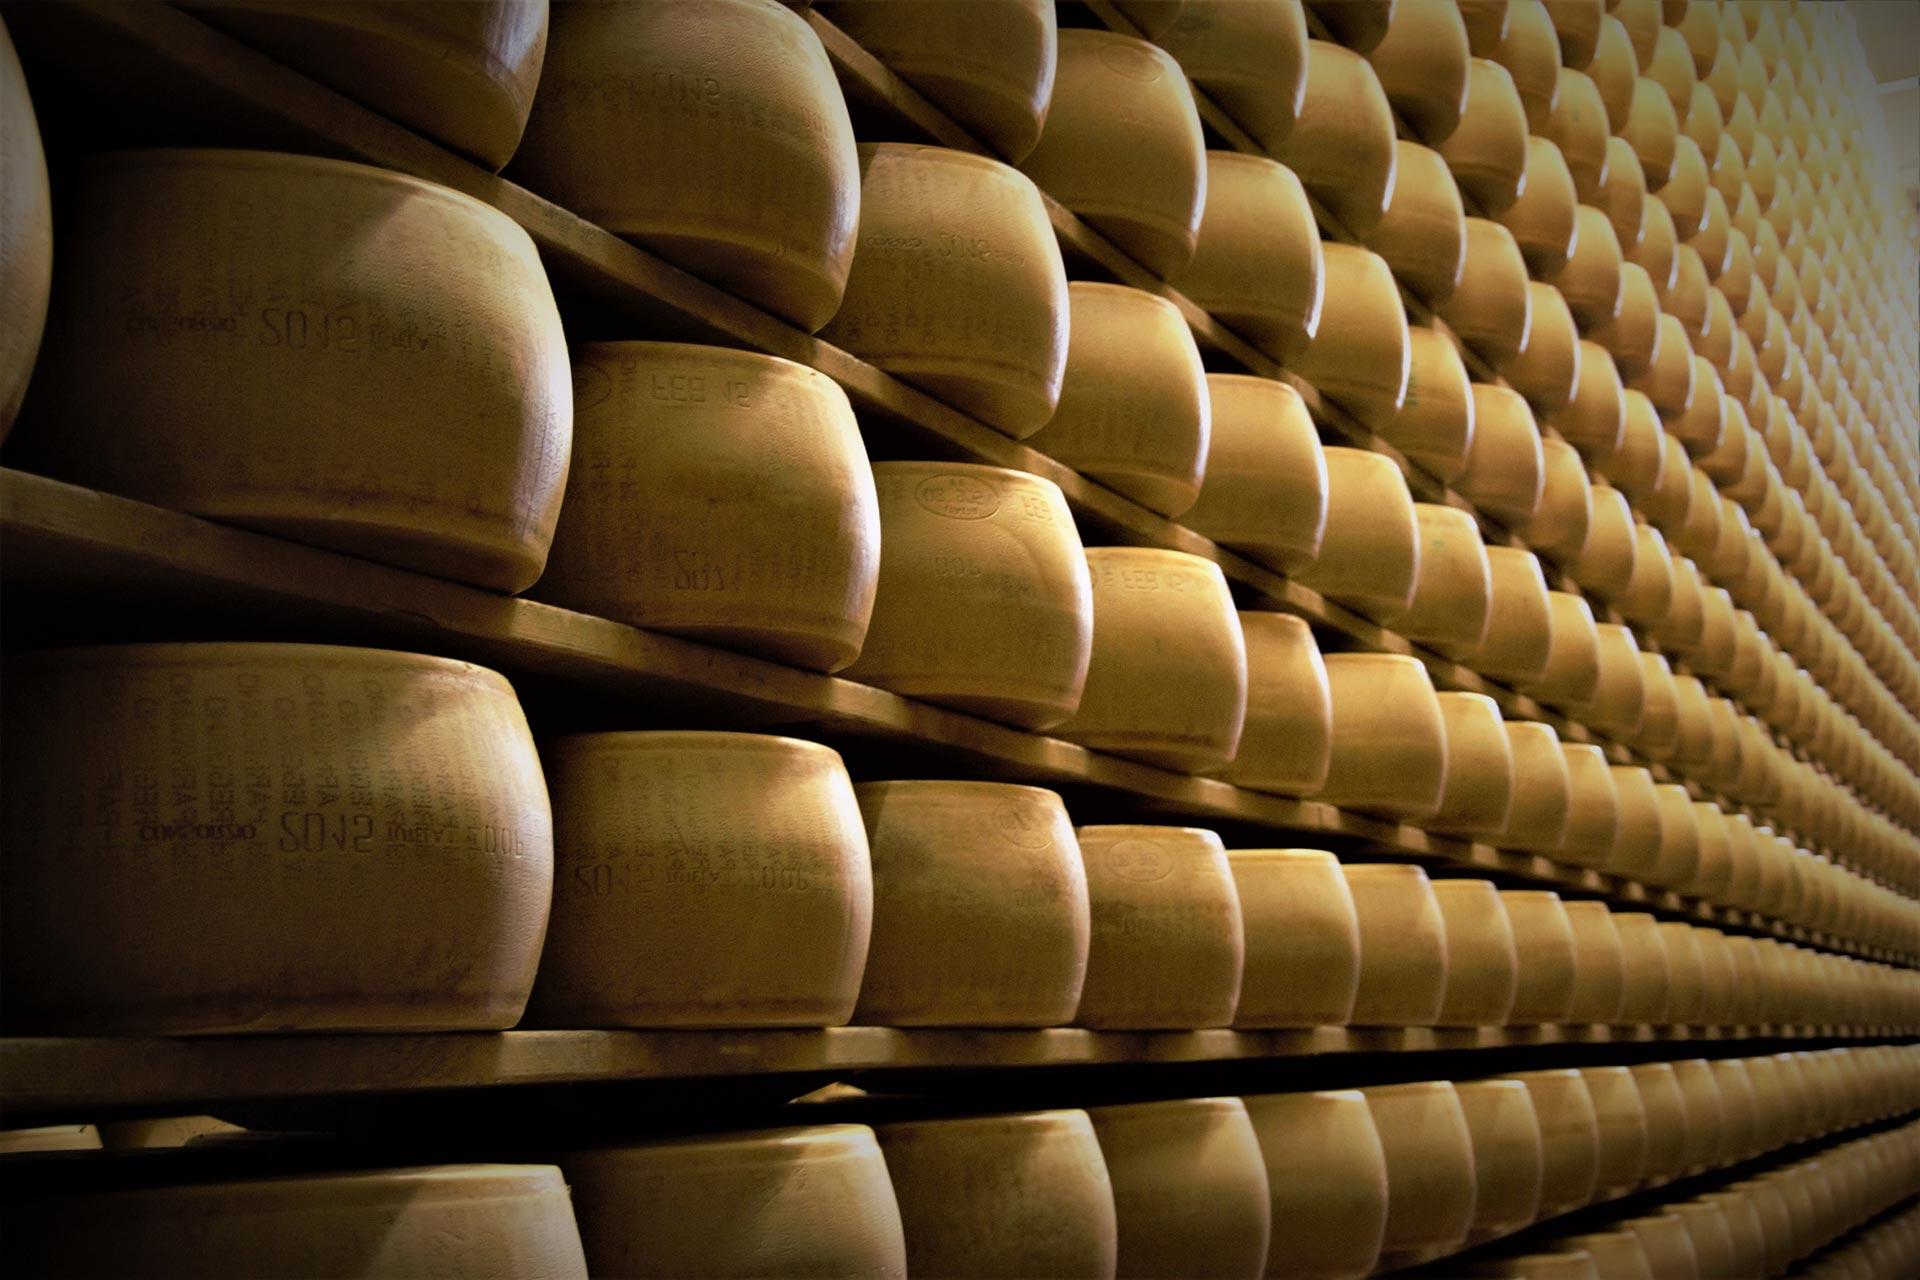 Grana Padano formaggio di qualità